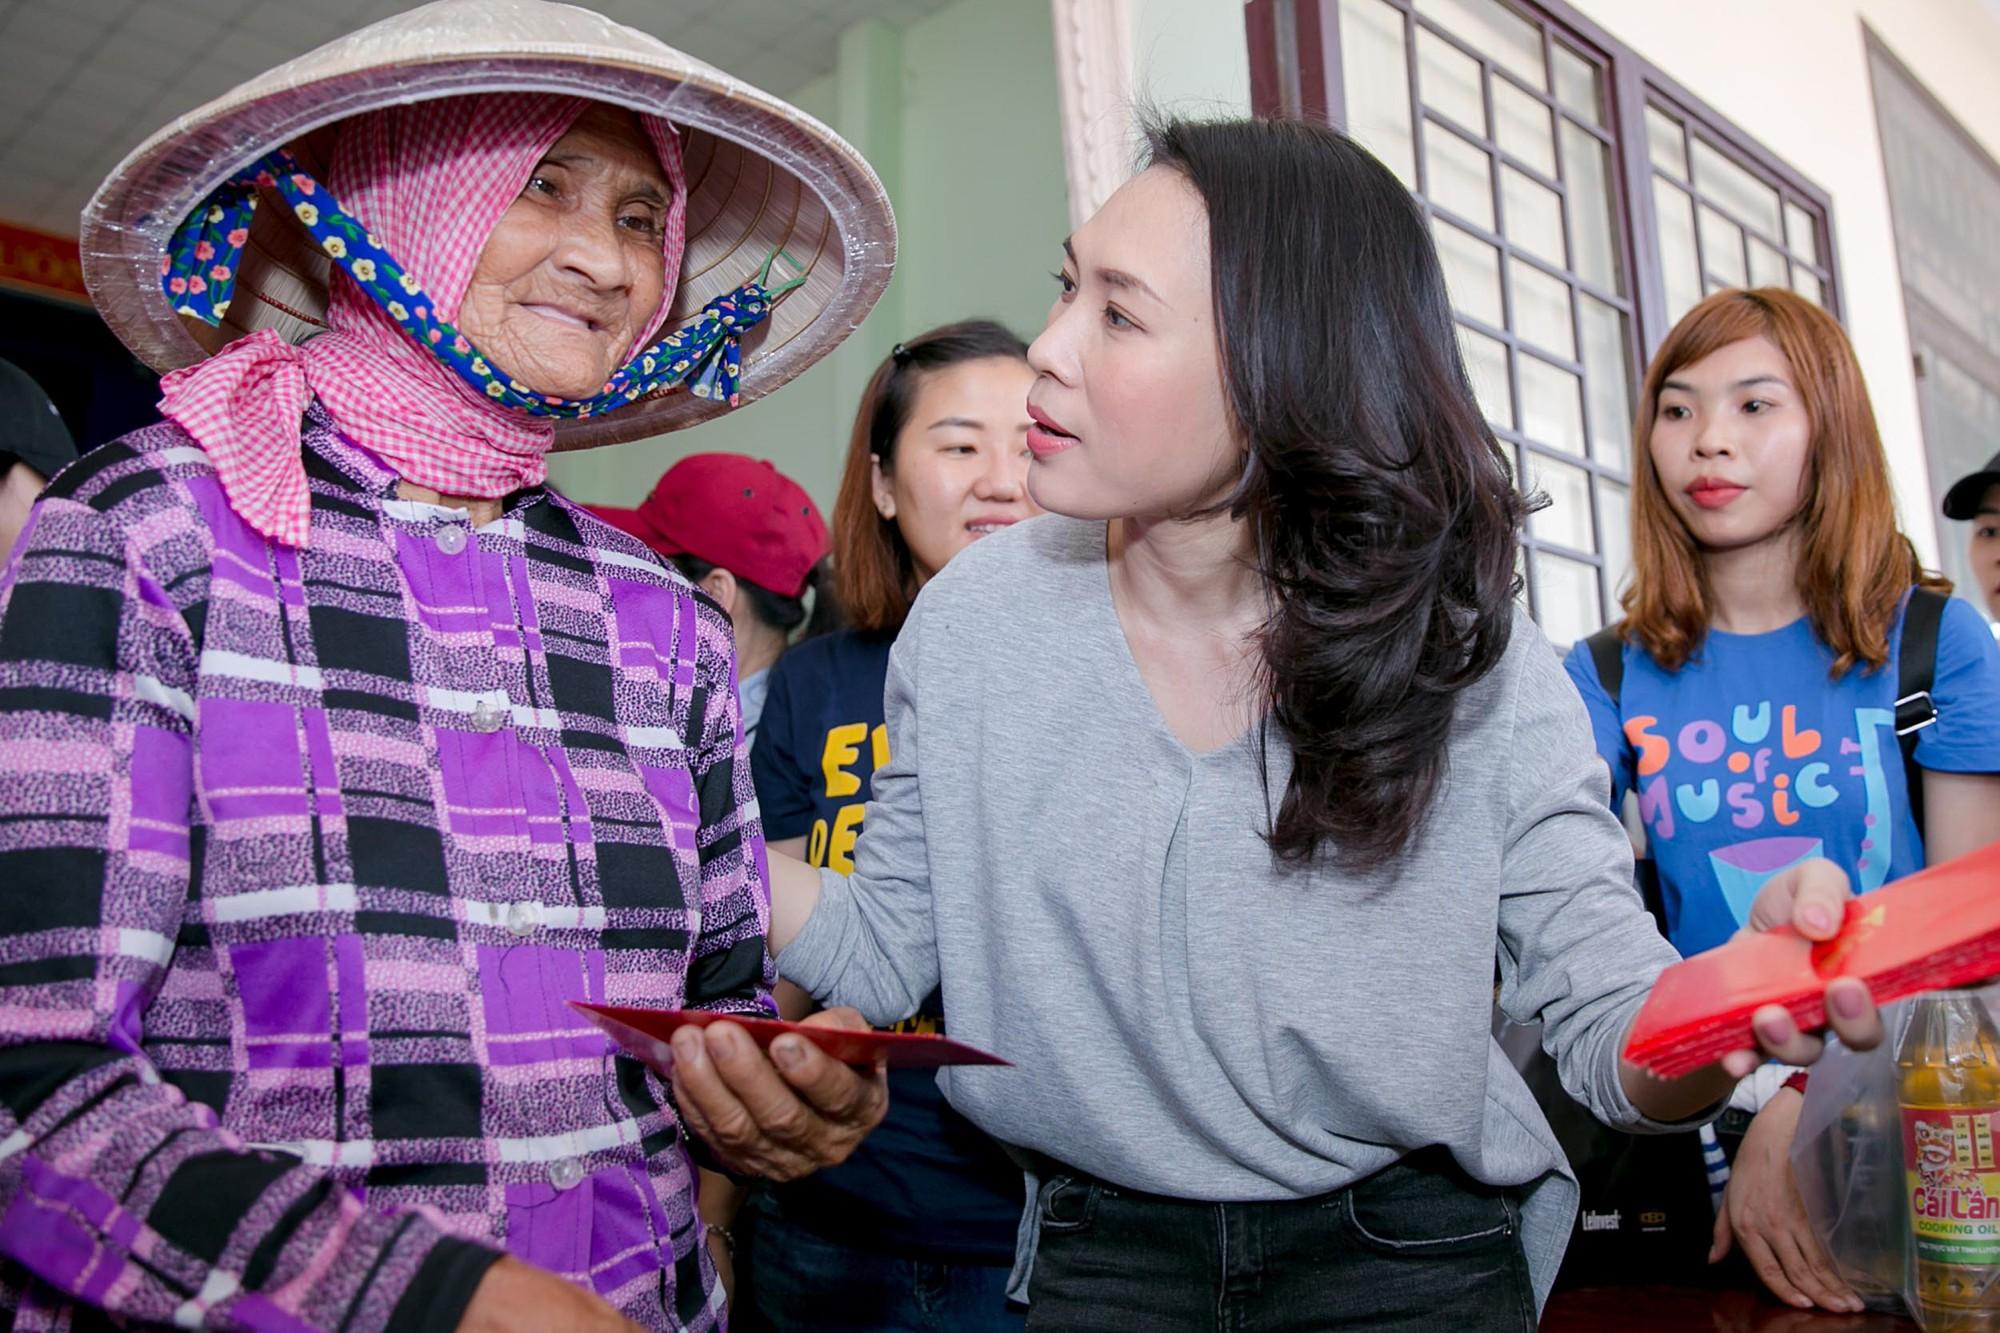 Giữ đúng lời hứa, Mỹ Tâm dành tiền bán đĩa Tâm 9 làm từ thiện, ân cần thăm hỏi, hát tặng bà con ở Long An - Ảnh 8.